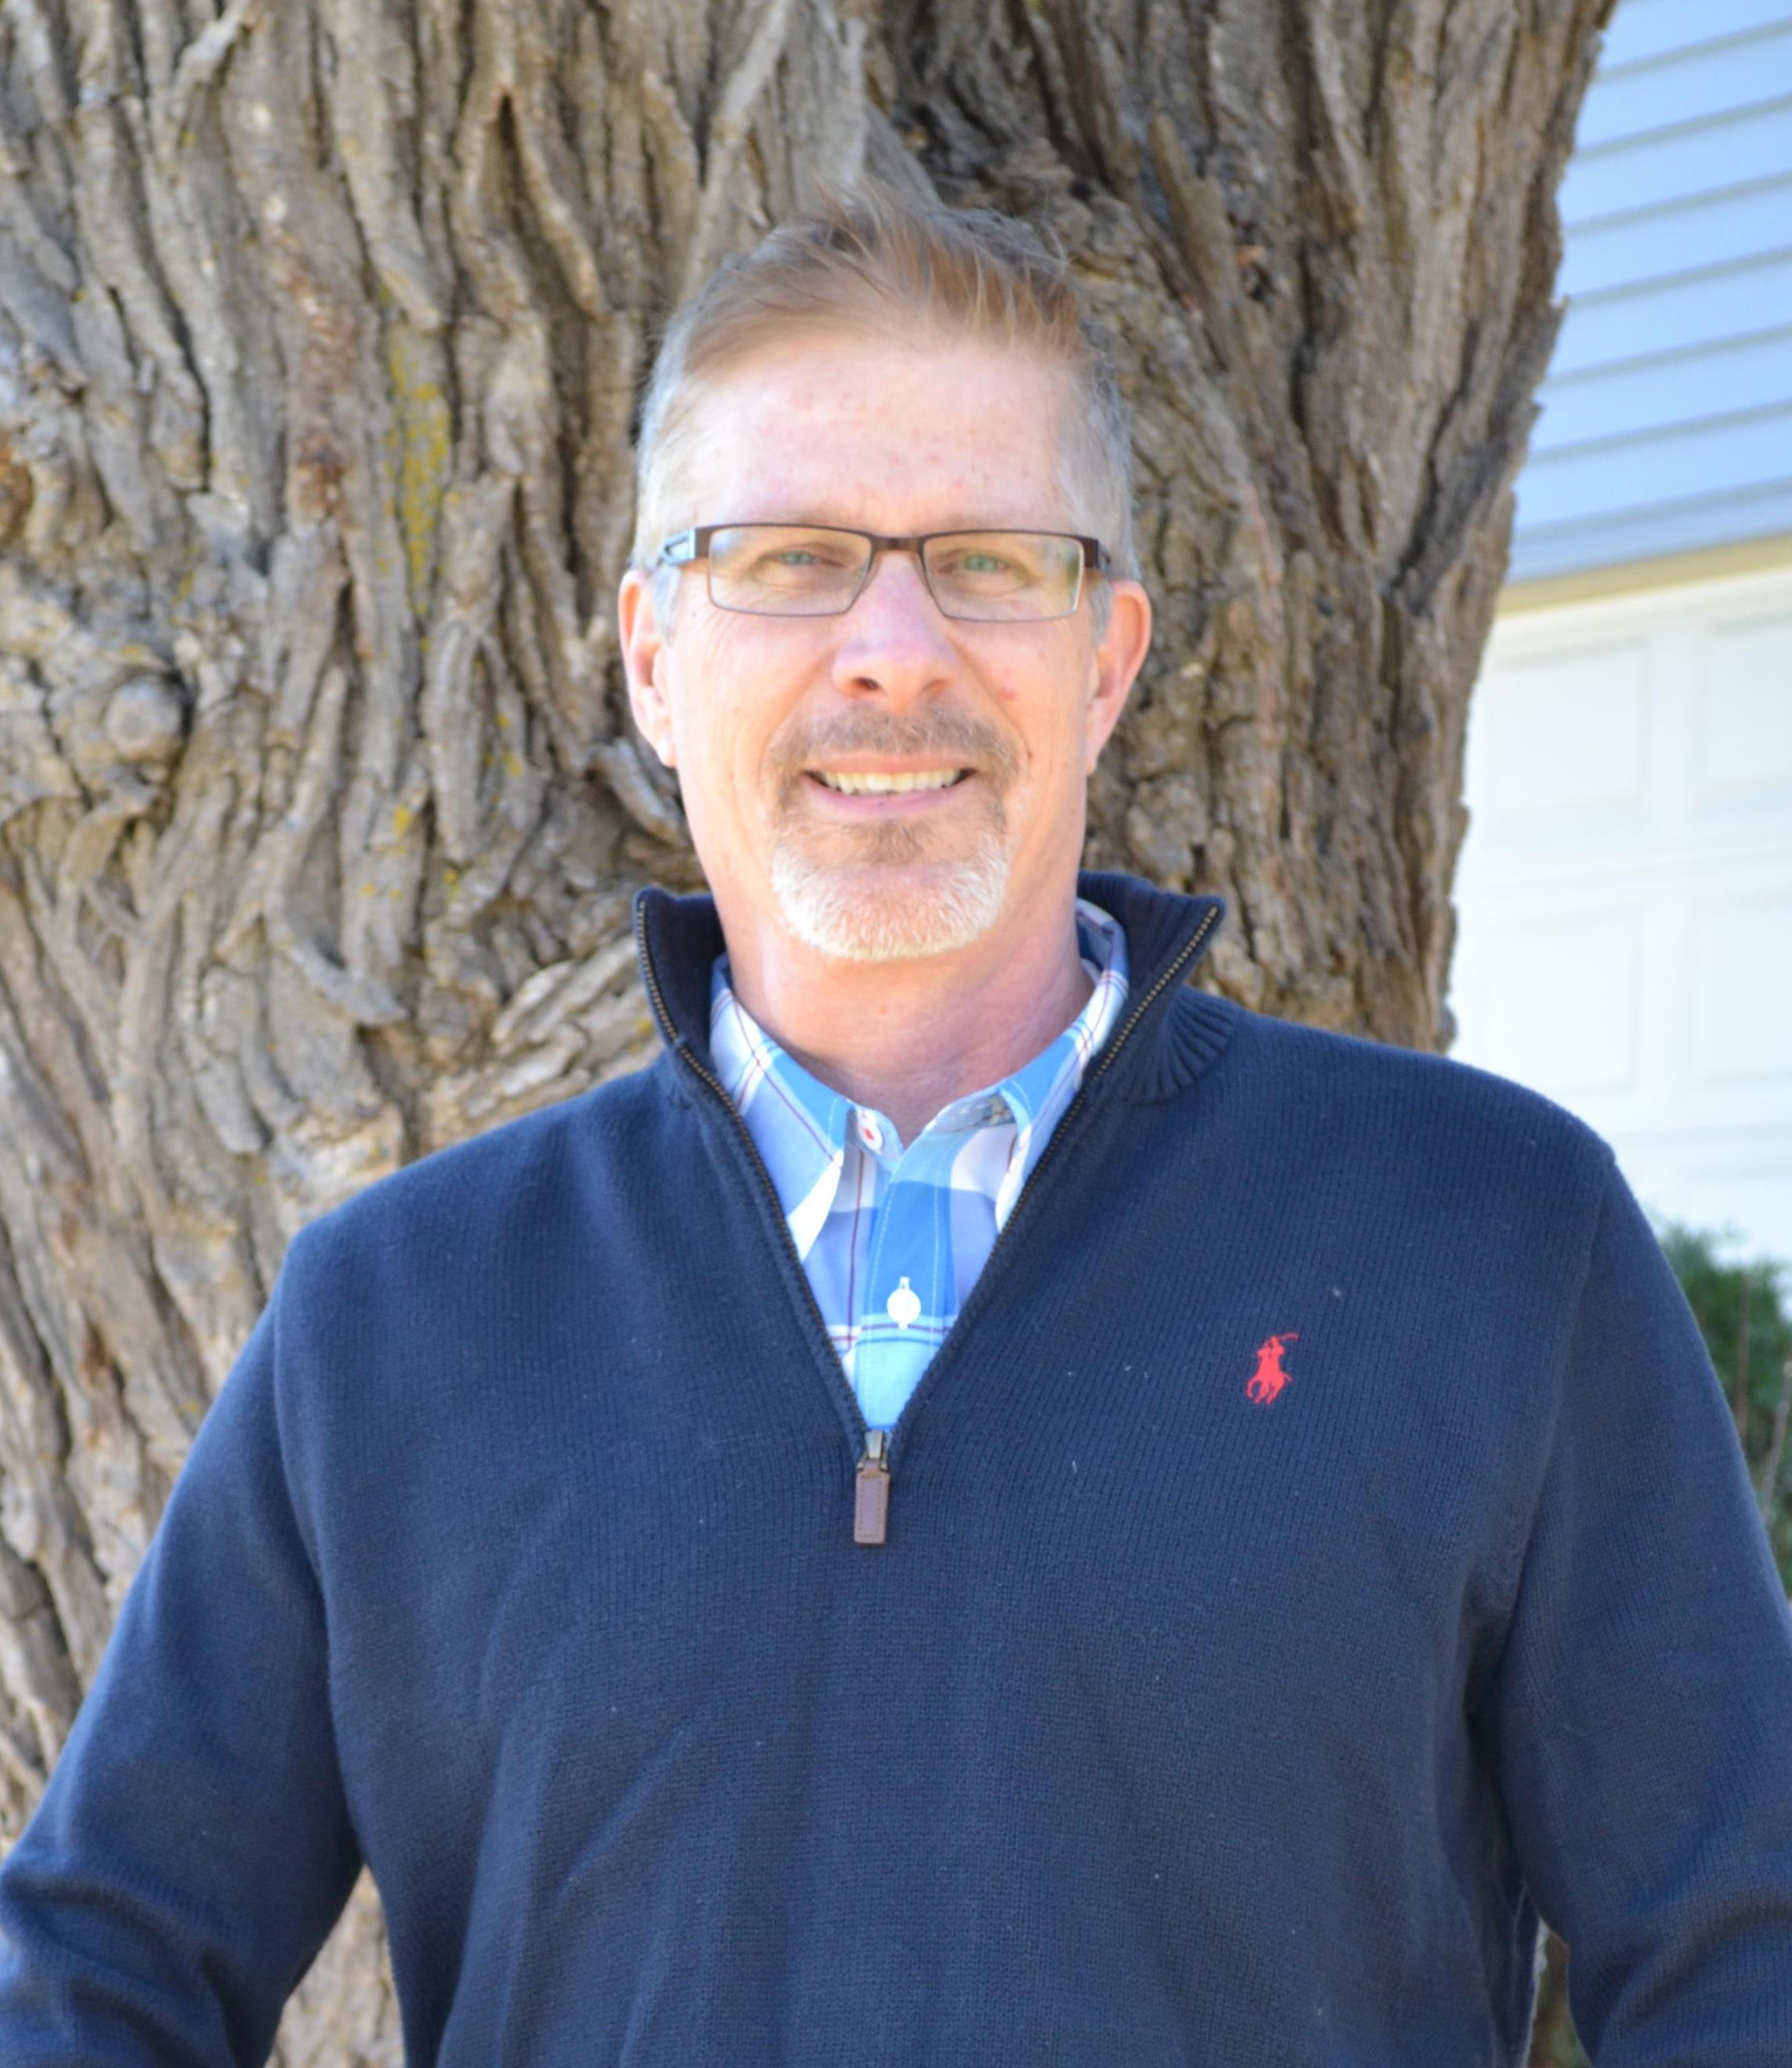 Bob Straus